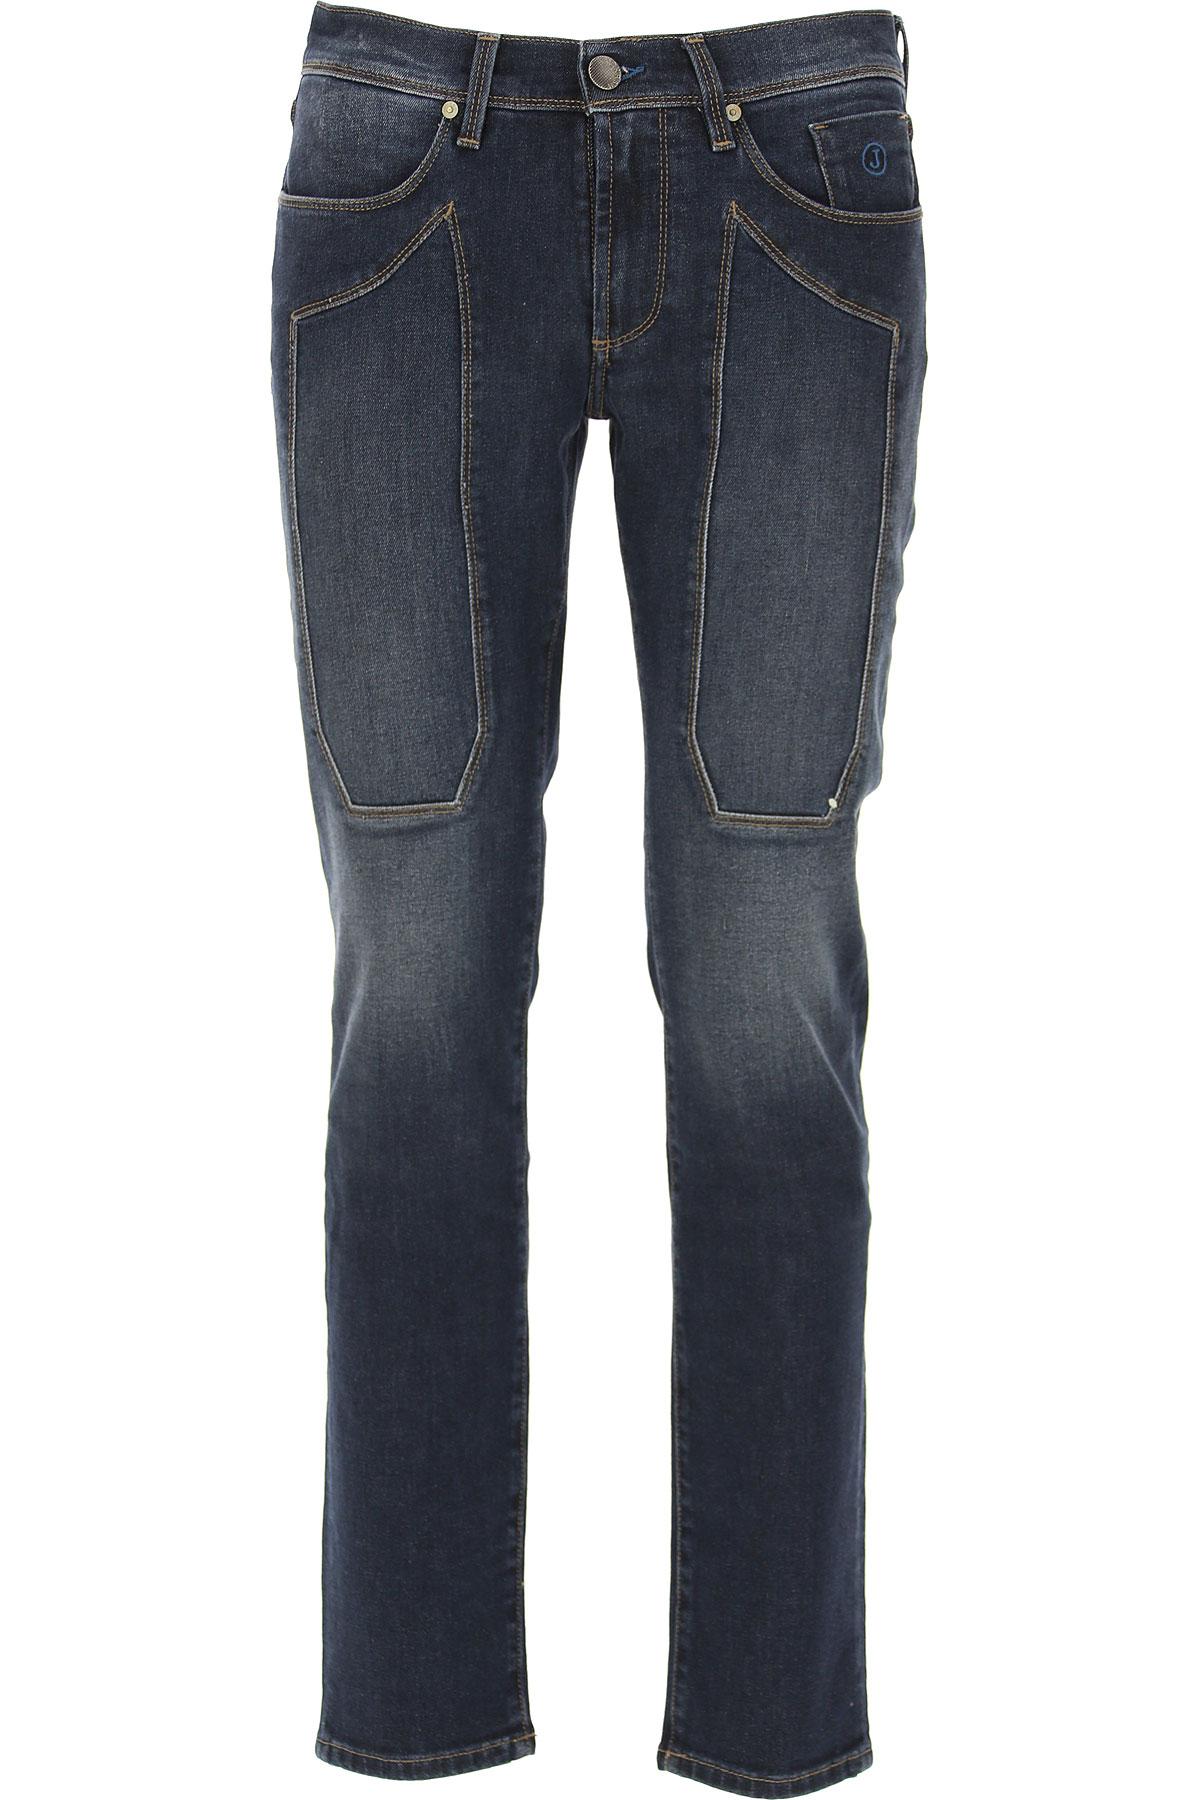 Jeckerson Jeans On Sale, Blue Denim, Cotton, 2019, 30 31 32 33 34 35 36 38